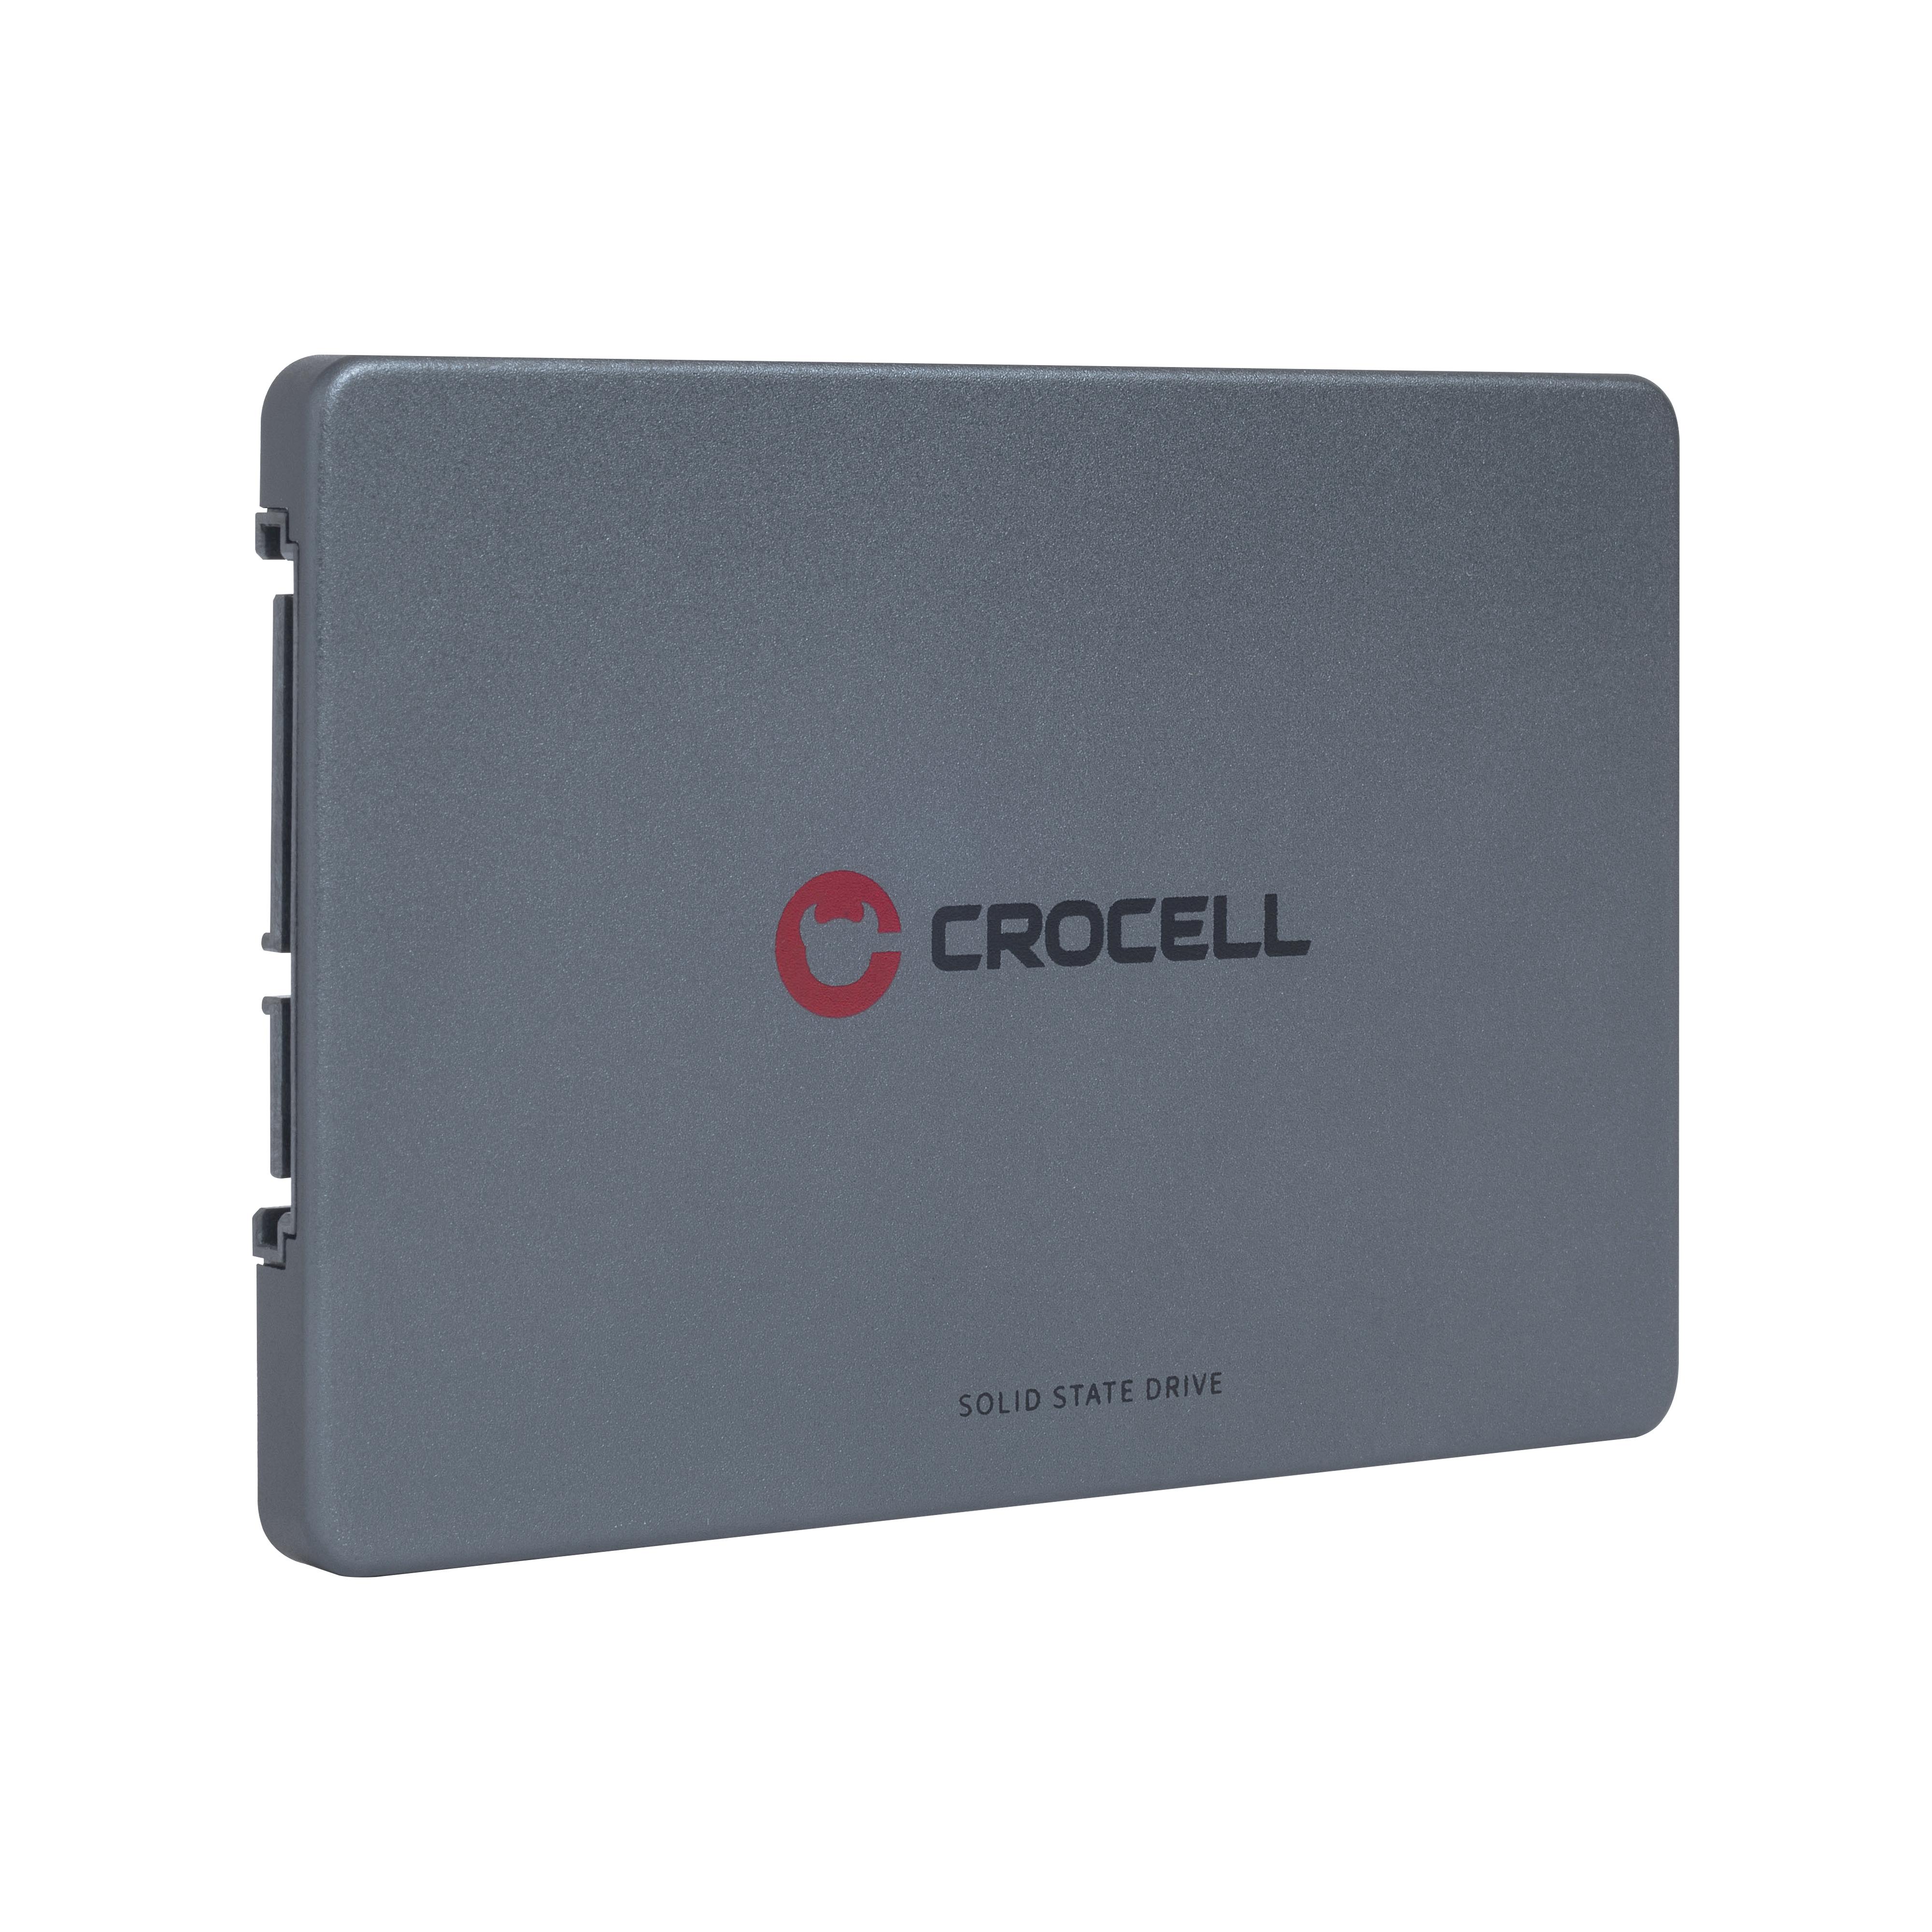 크로셀 CORE SDRAM 낸드플래시 SATA3 SSD, 240GB